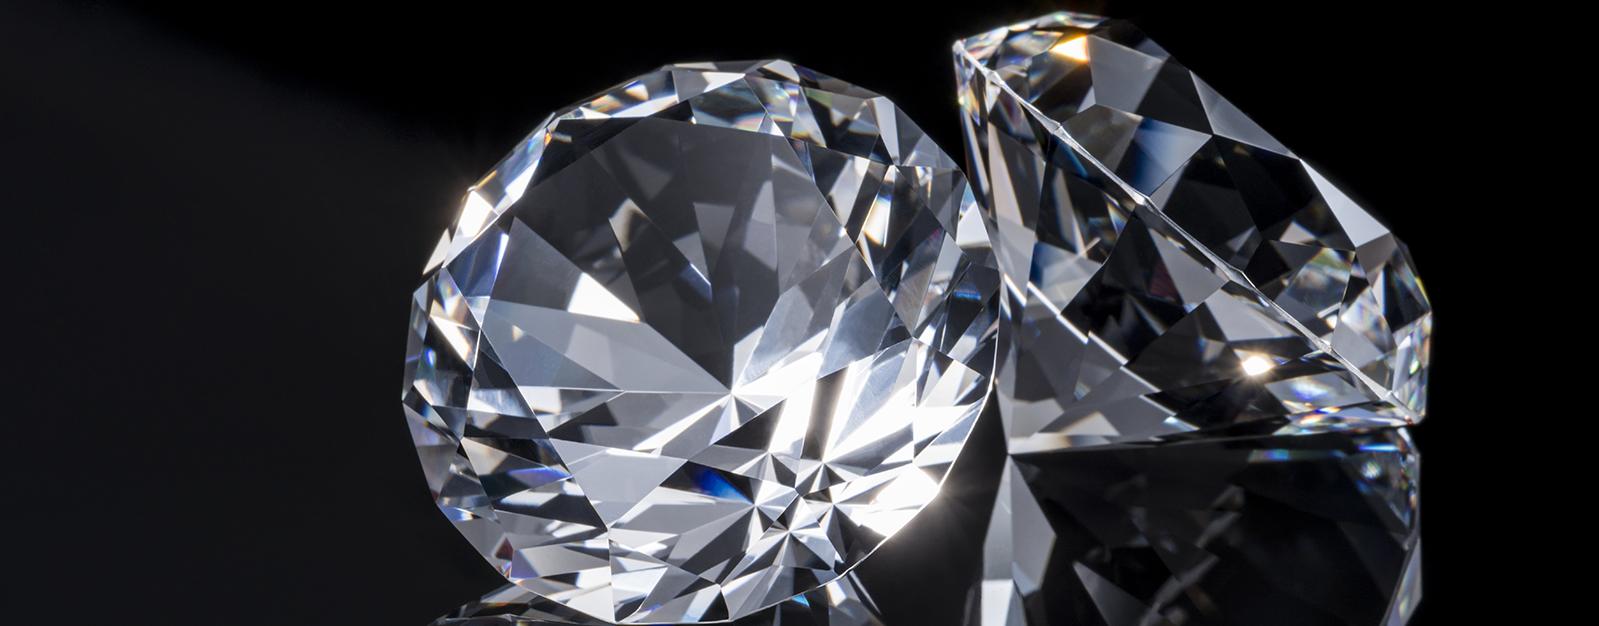 ダイヤモンドオークション